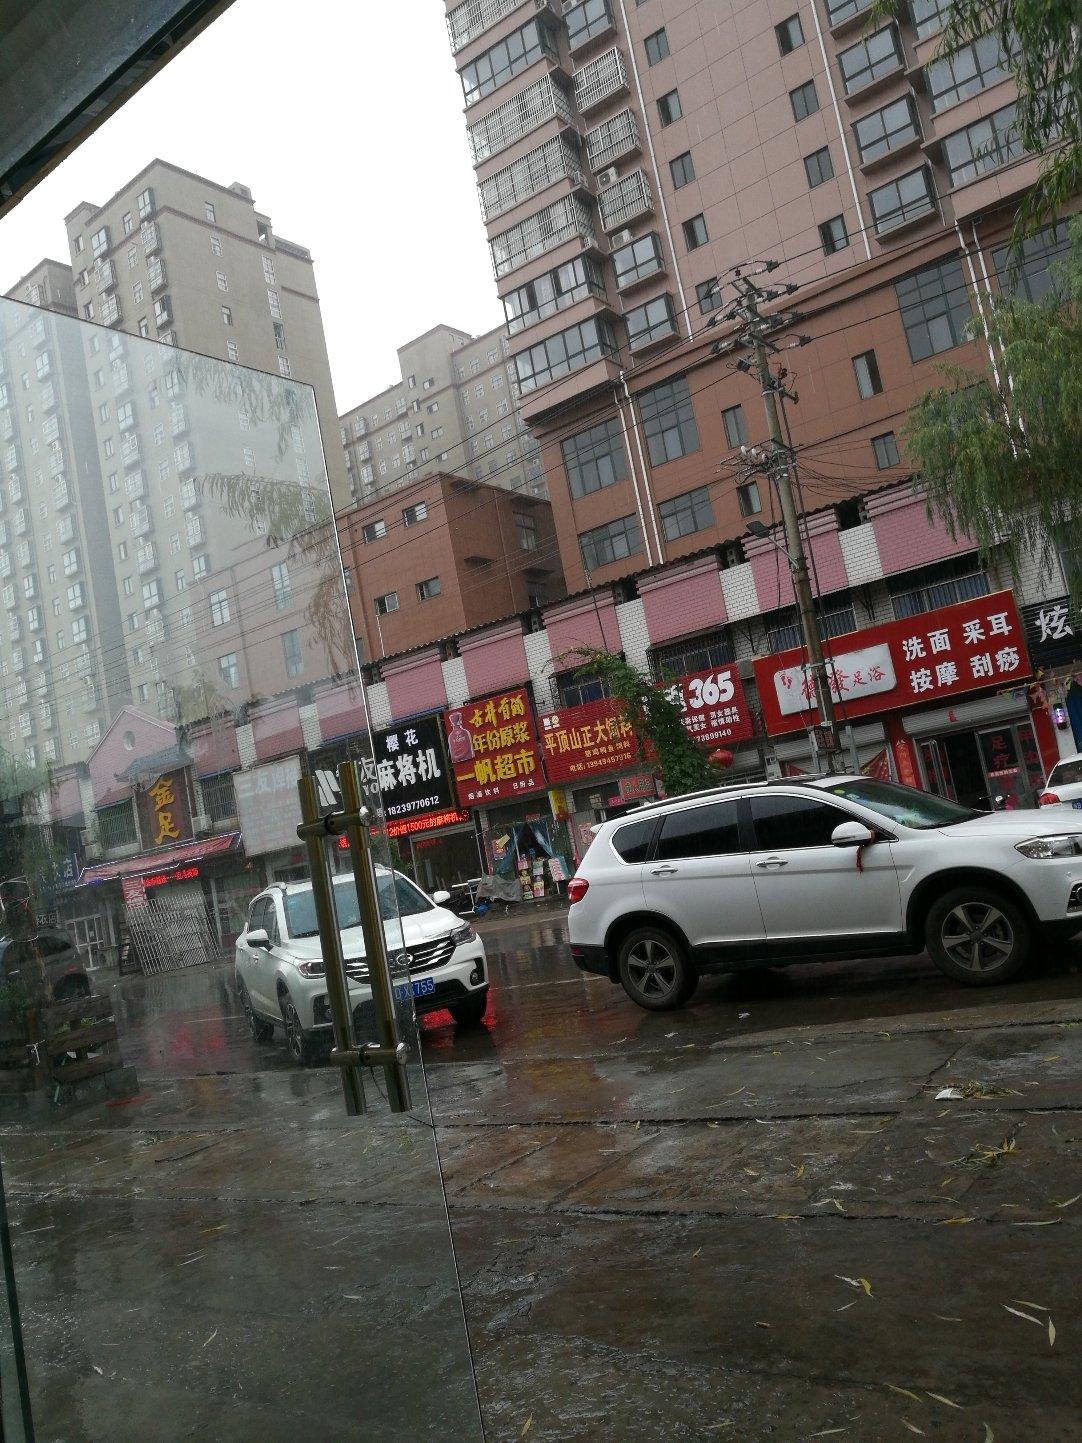 河南省平顶山市叶县文化路6-7号靠近叶县润昊商厦天气预报图片